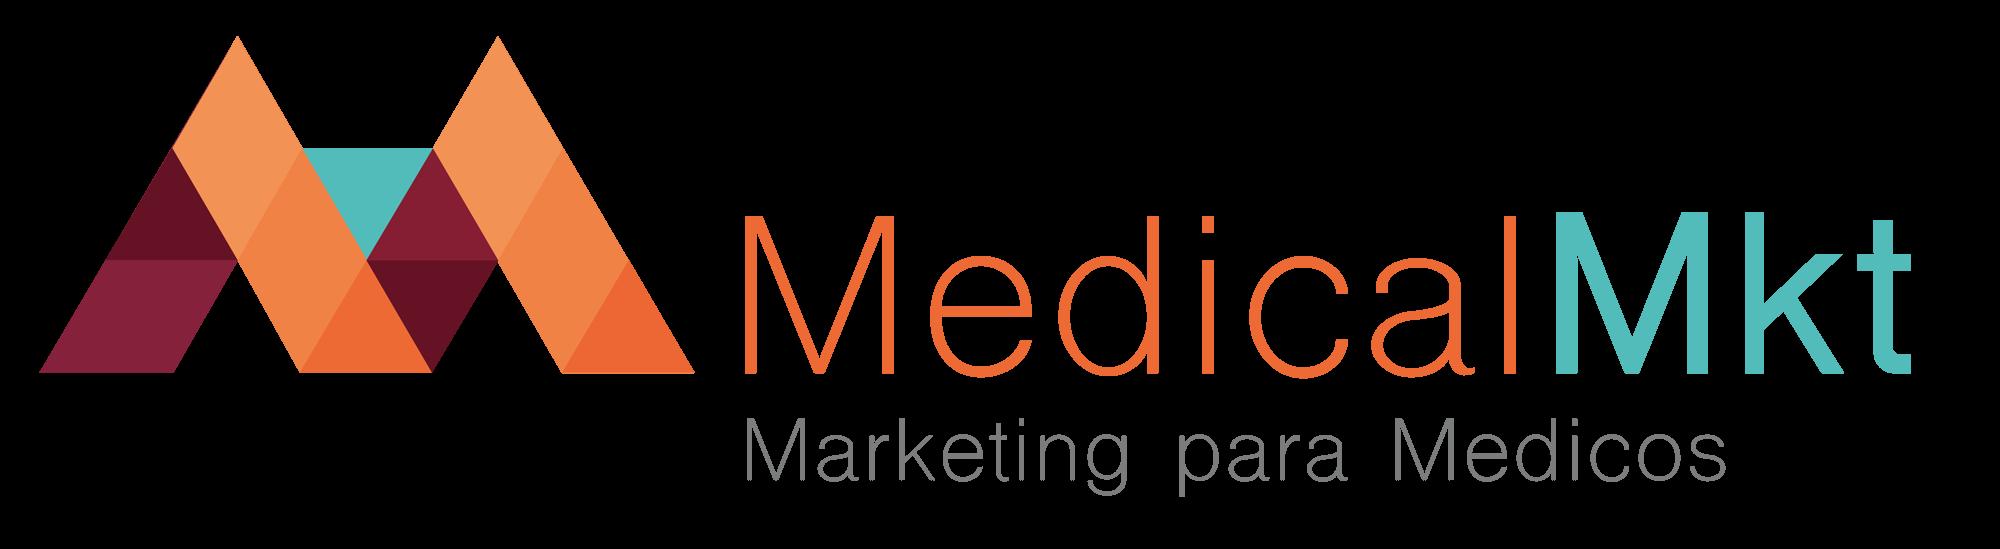 Medicalmkt